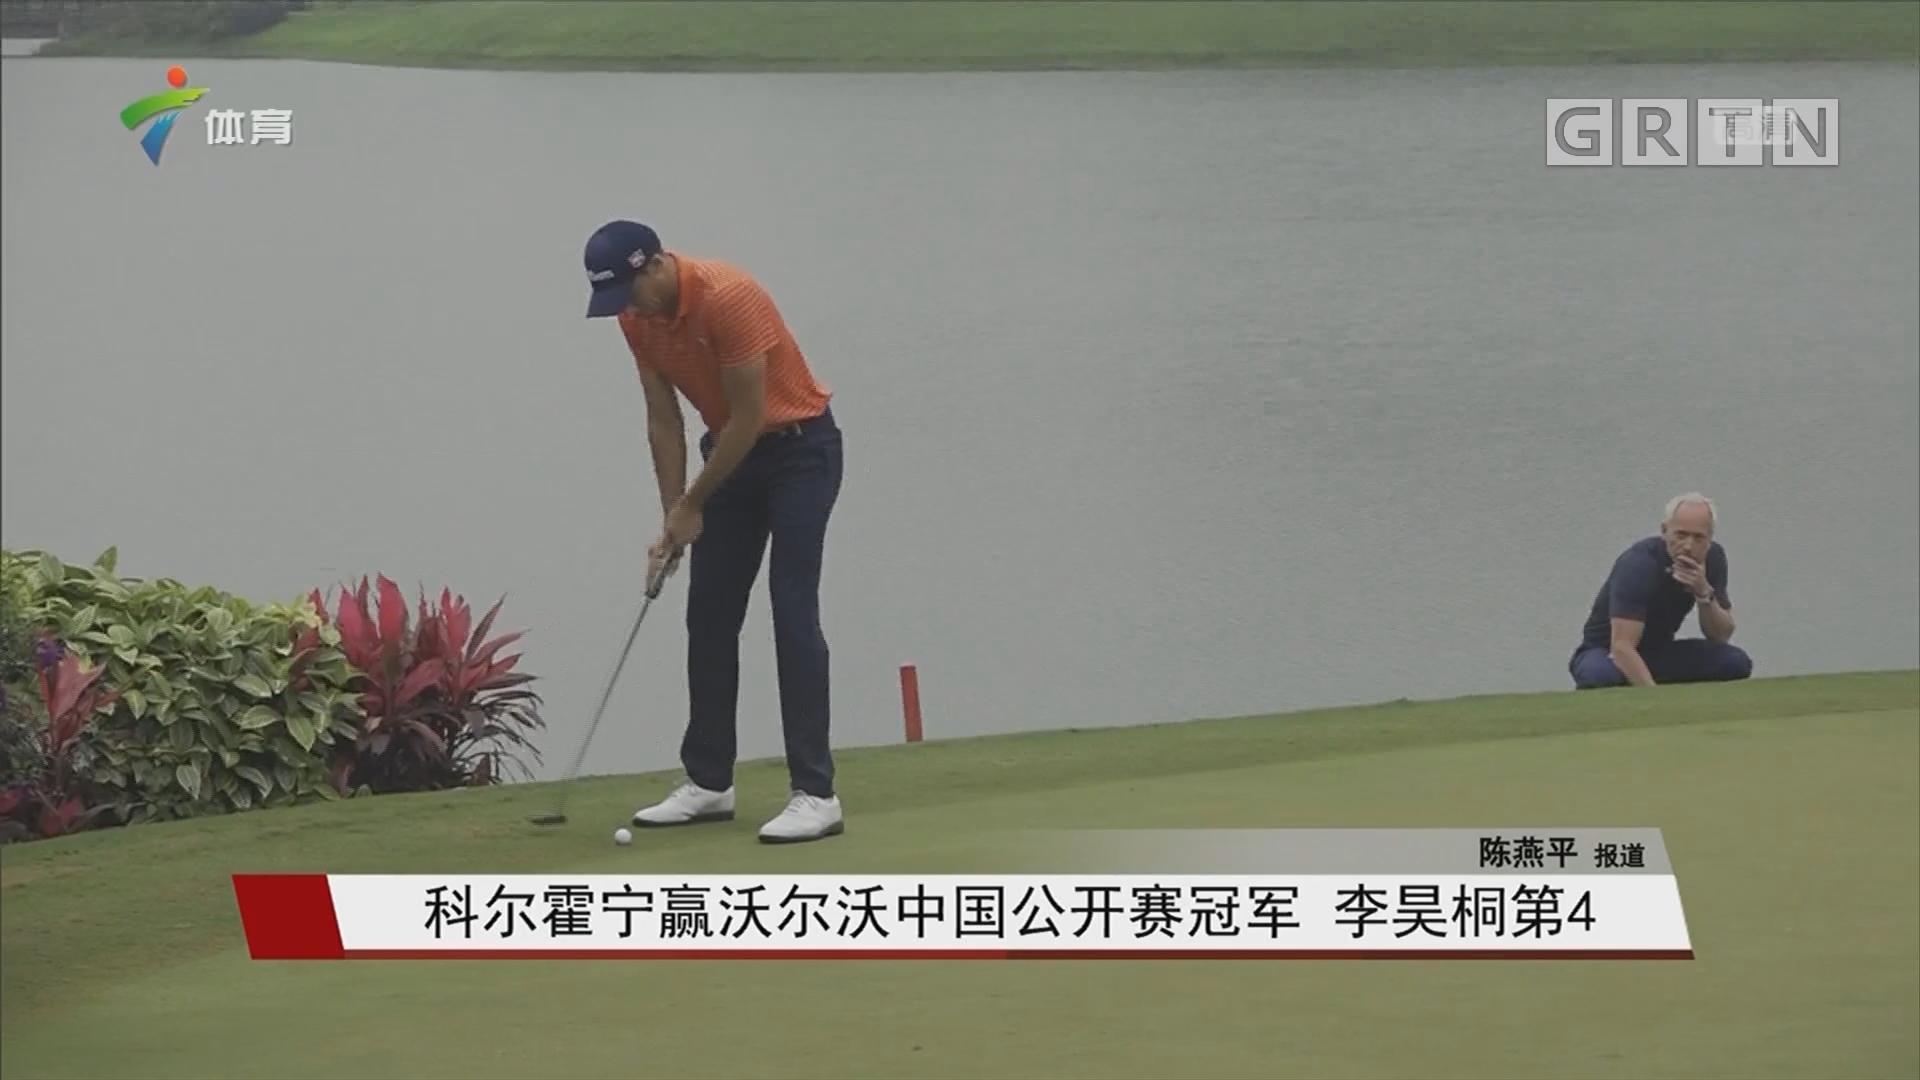 科尔霍宁赢沃尔沃中国公开赛冠军 李昊桐第4